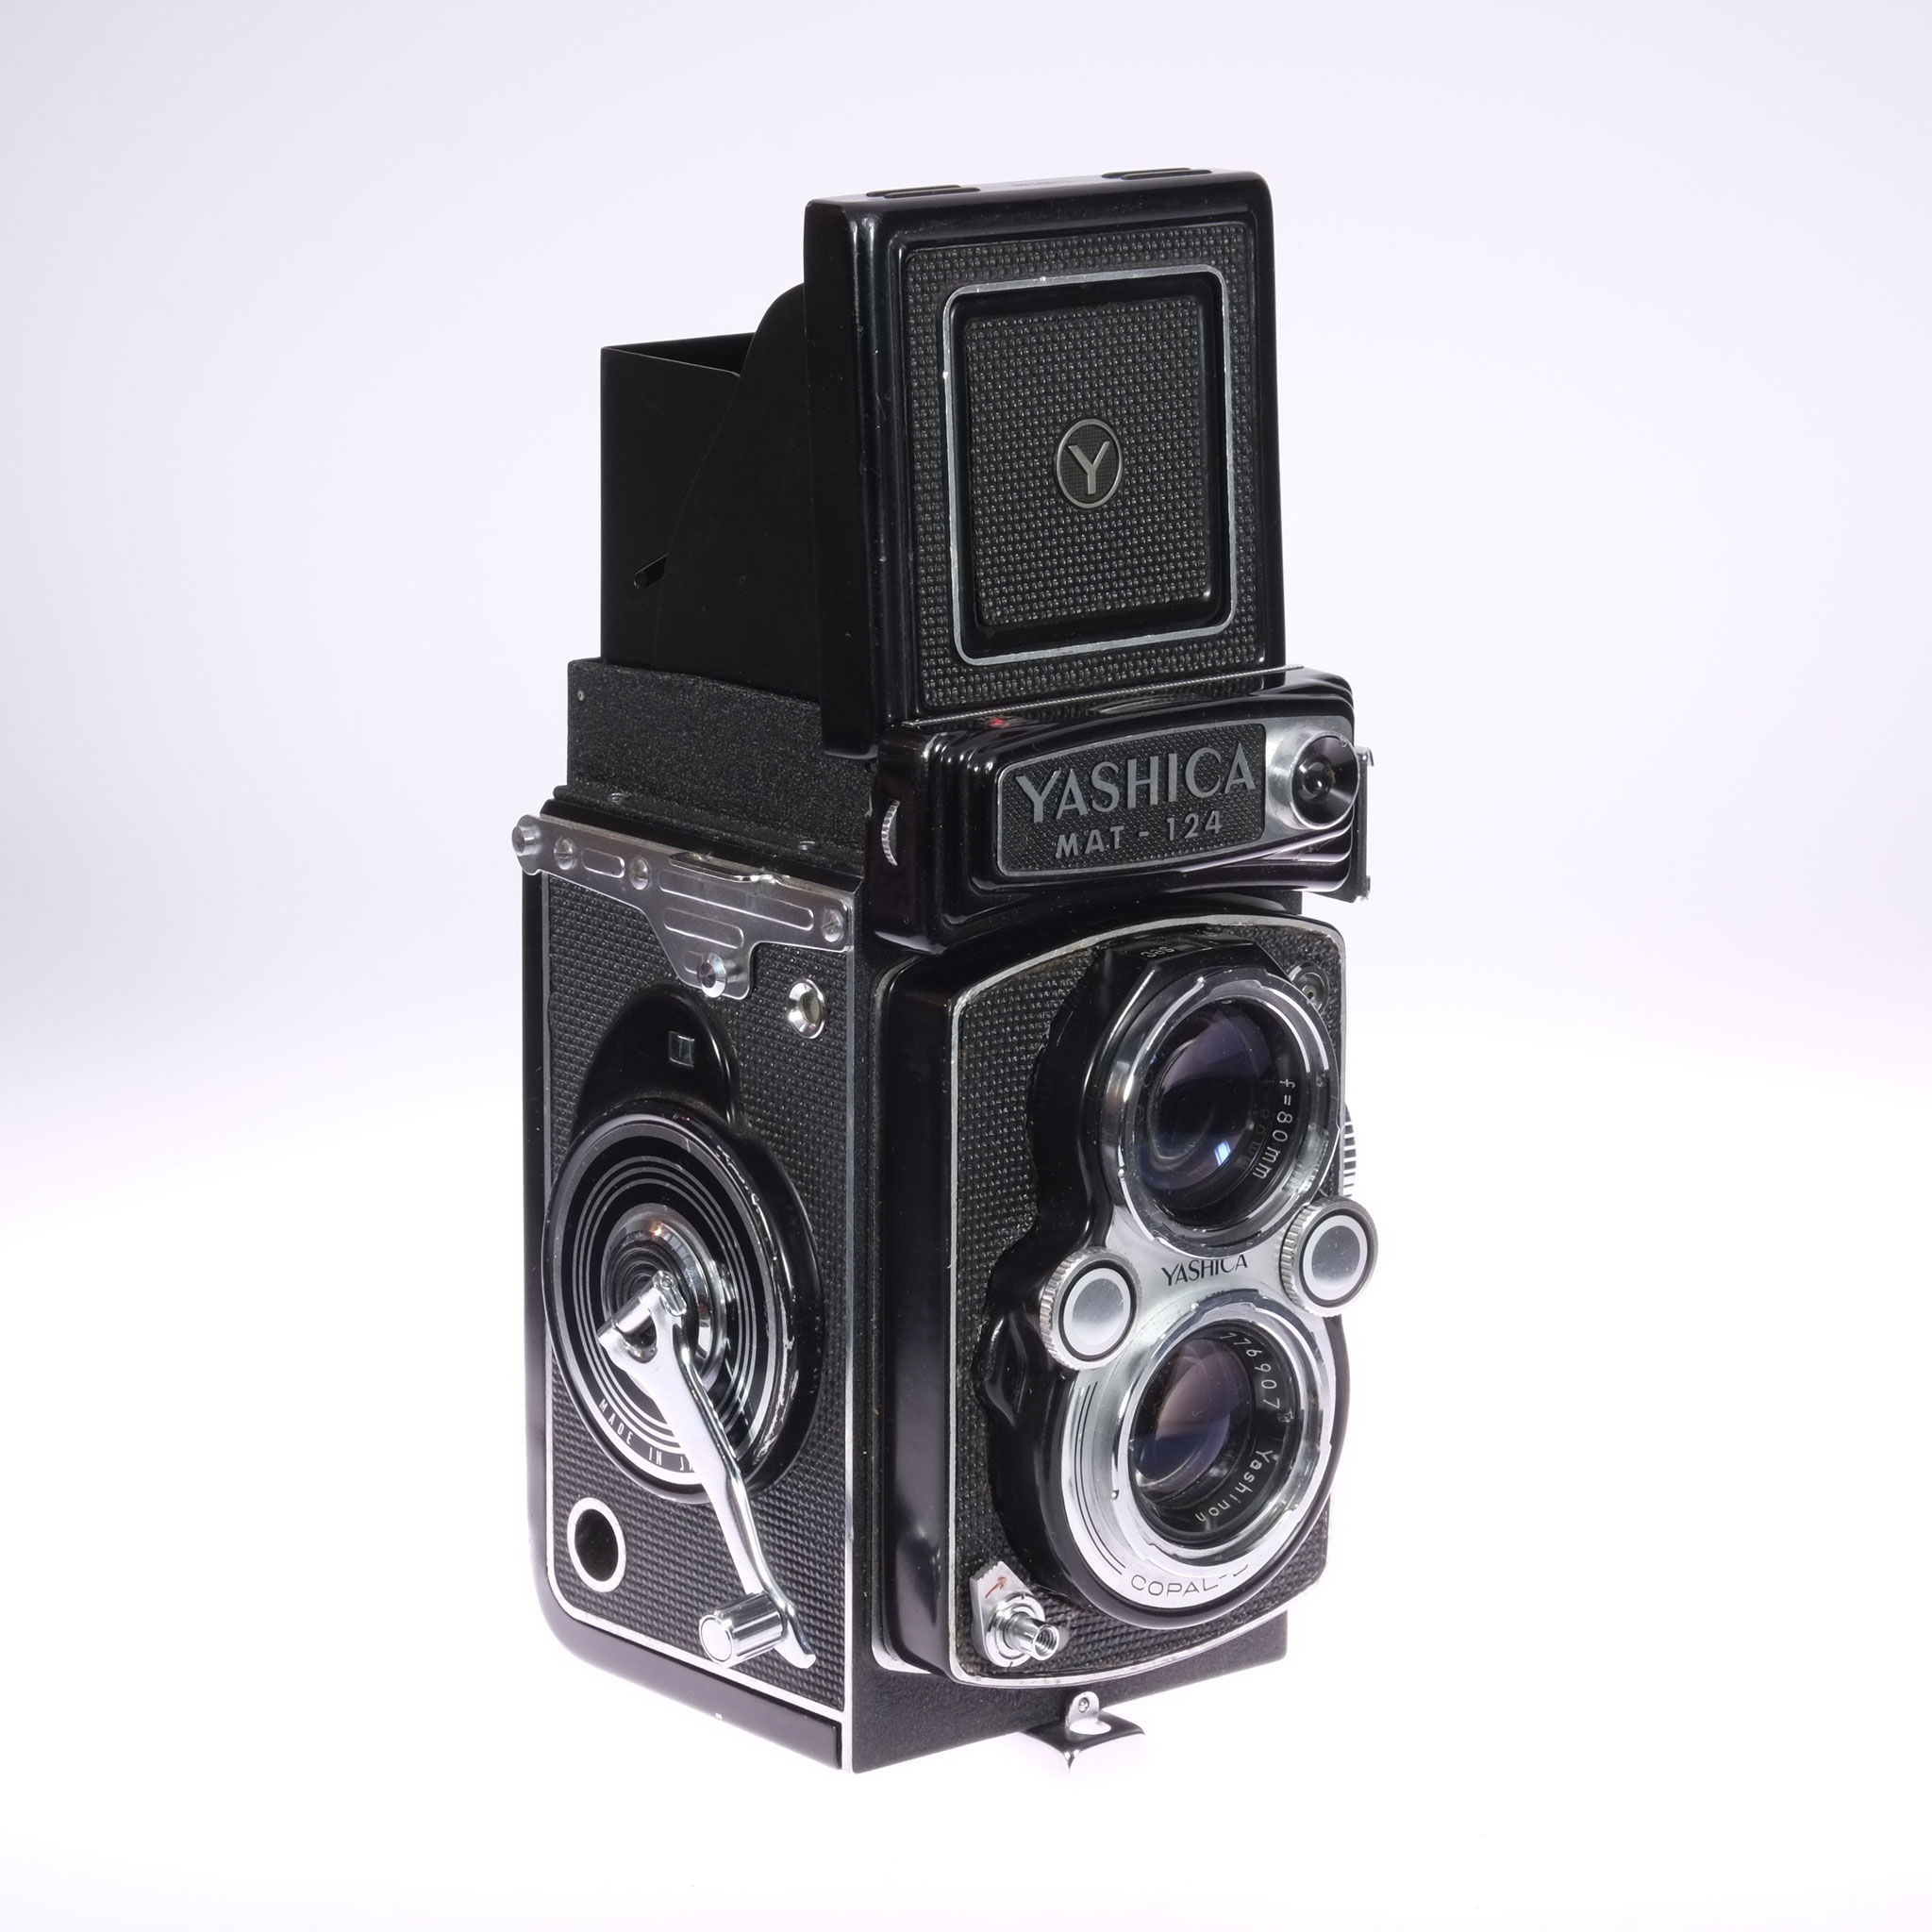 Meine wunderschöne Yashica 124, eine der vielen Nachbauten der Rolleiflex. Die Qualität durch den 120er Film mit 6x6cm Negativen war toll!